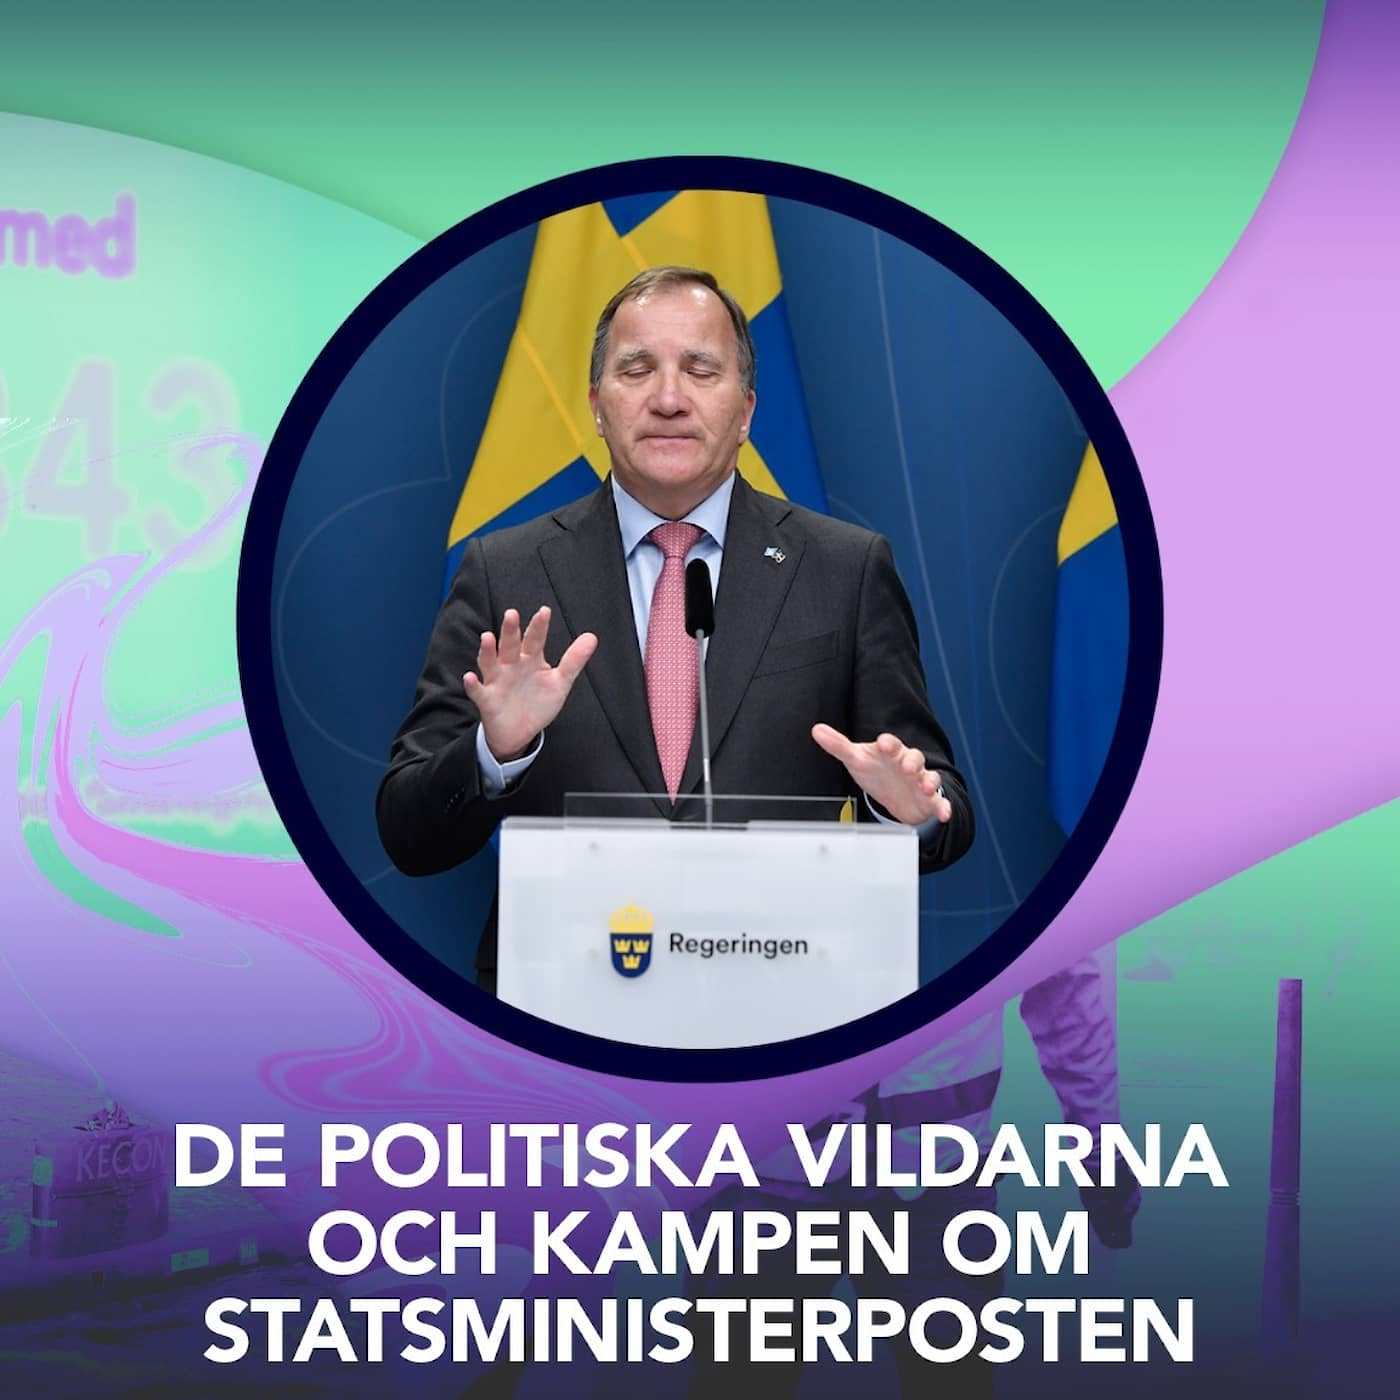 De politiska vildarna och kampen om statsministerposten – P3 Nyheter Dokumentär